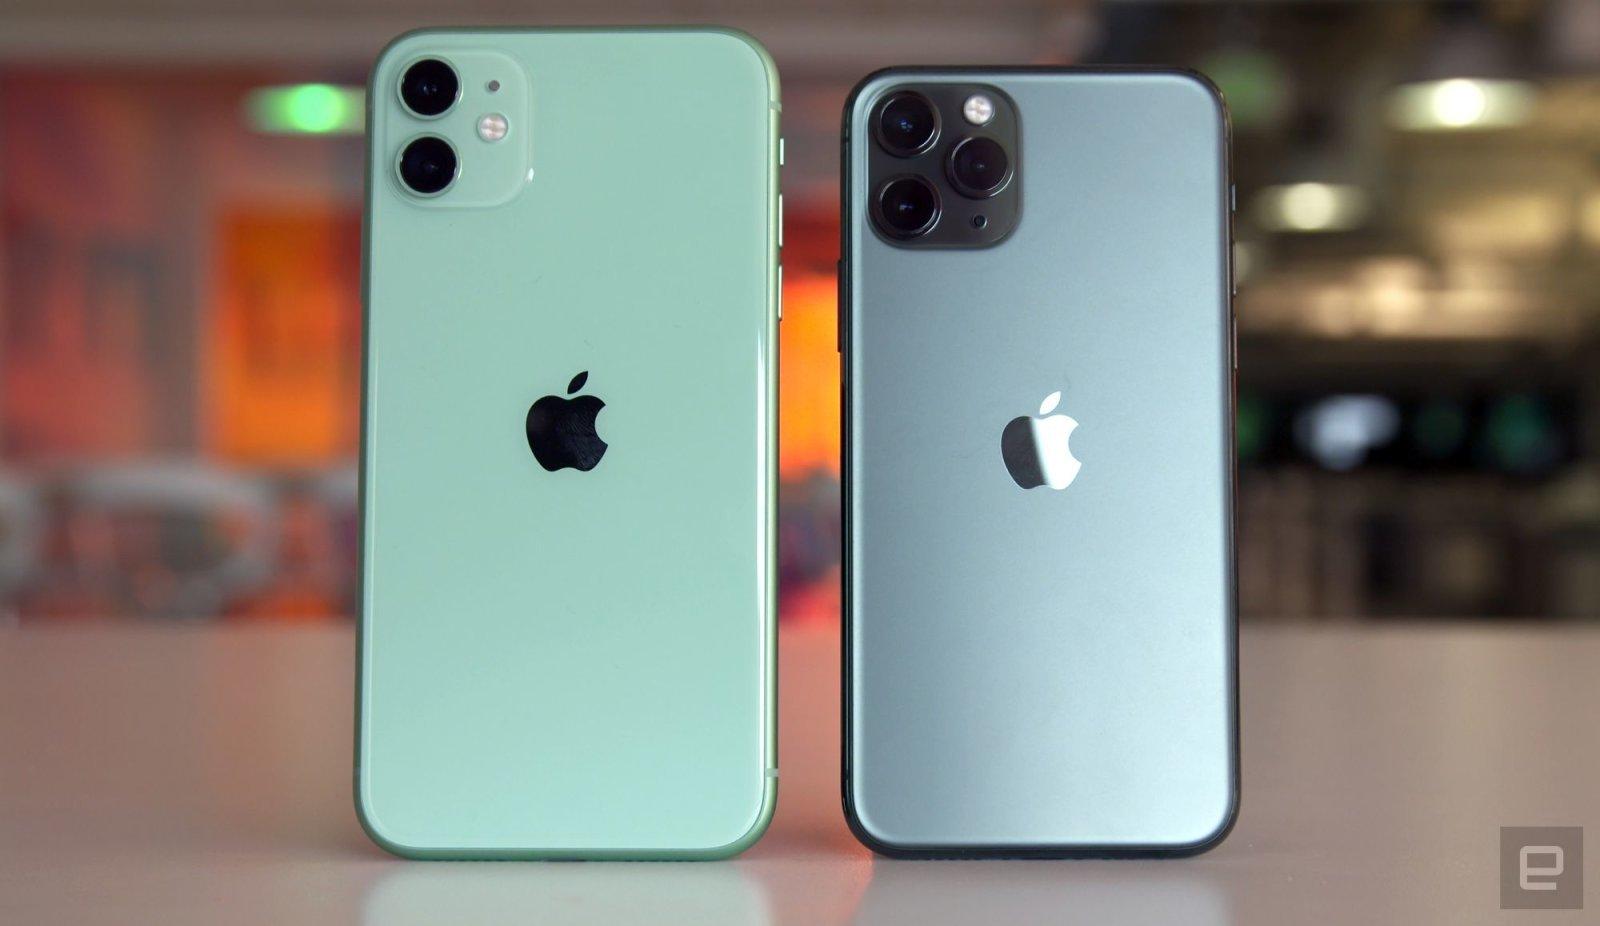 روکیدا - جدیدترین خرید اپل چه سودی برای این شرکت دارد؟ - آیفون, اپل, گوشی های هوشمند